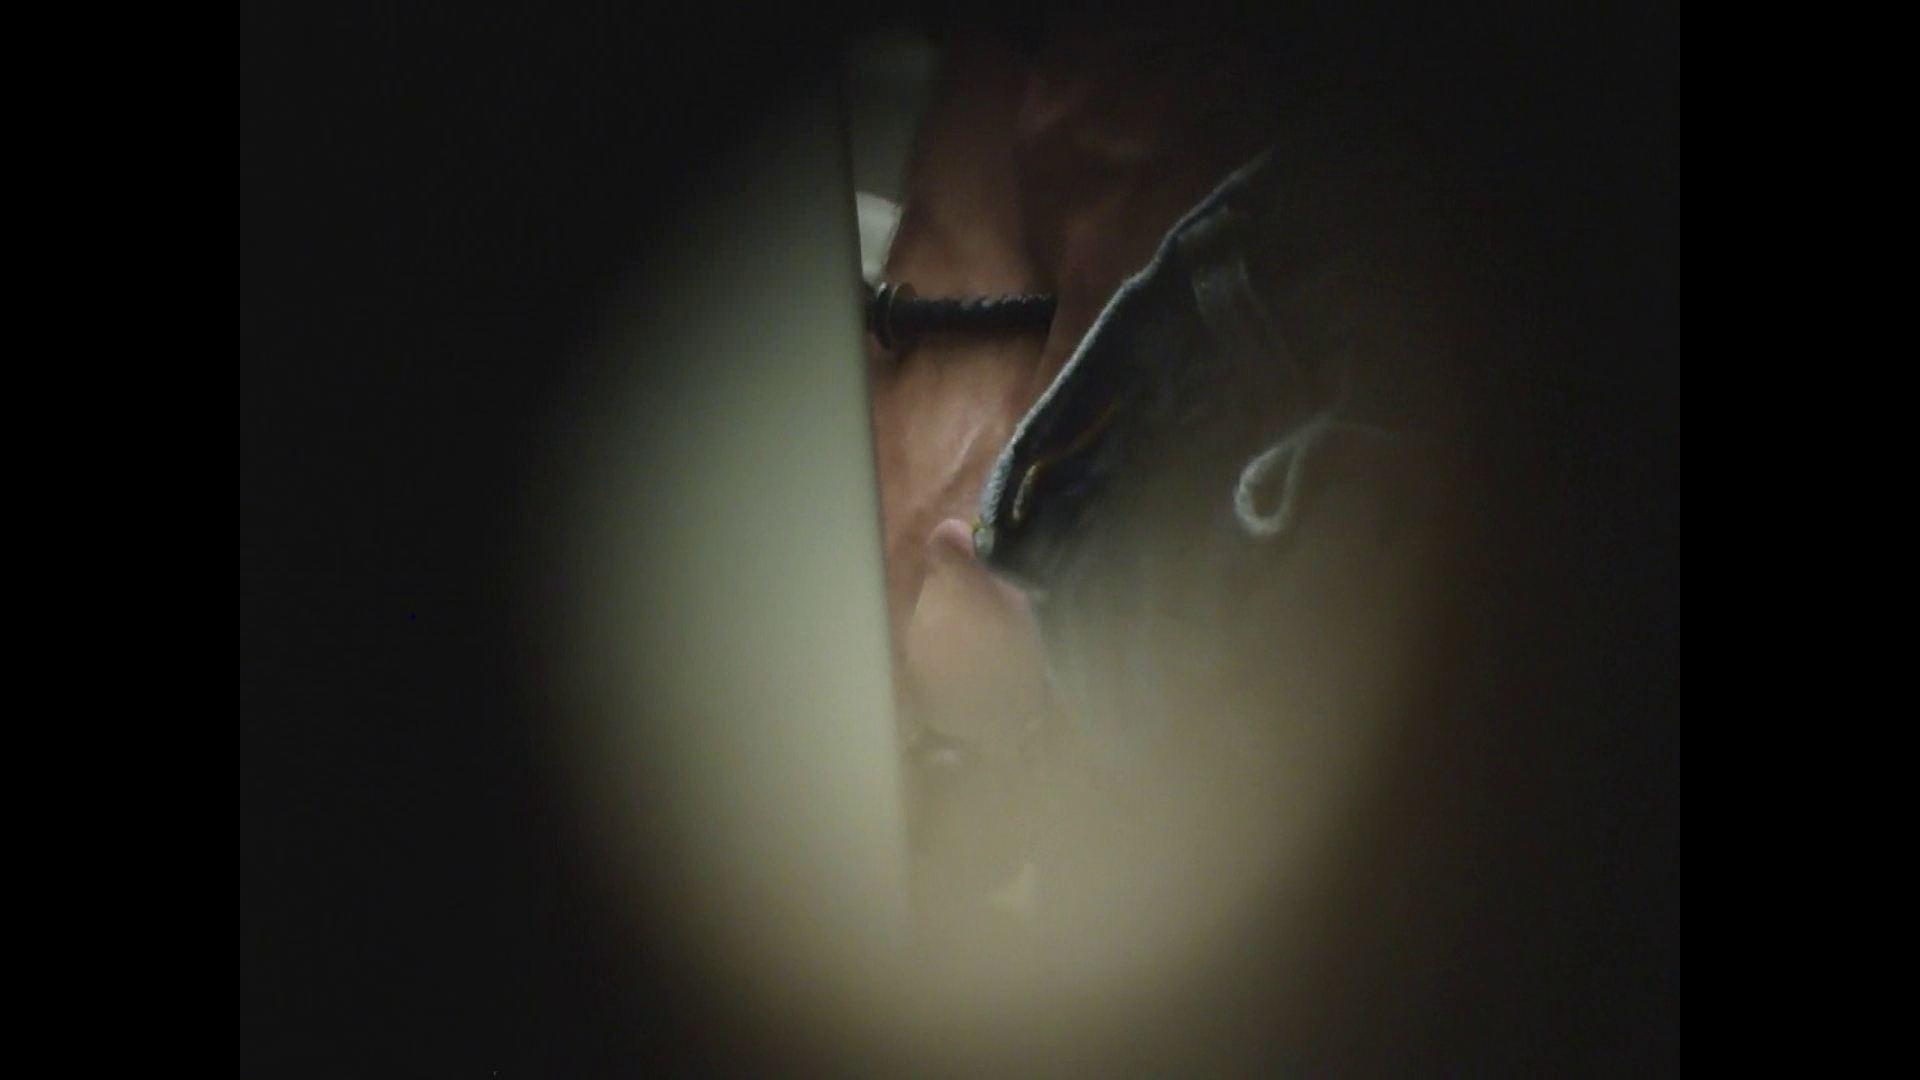 イケメンの素顔in洗面所 Vol.06 イケメンのsex | 0  106pic 102